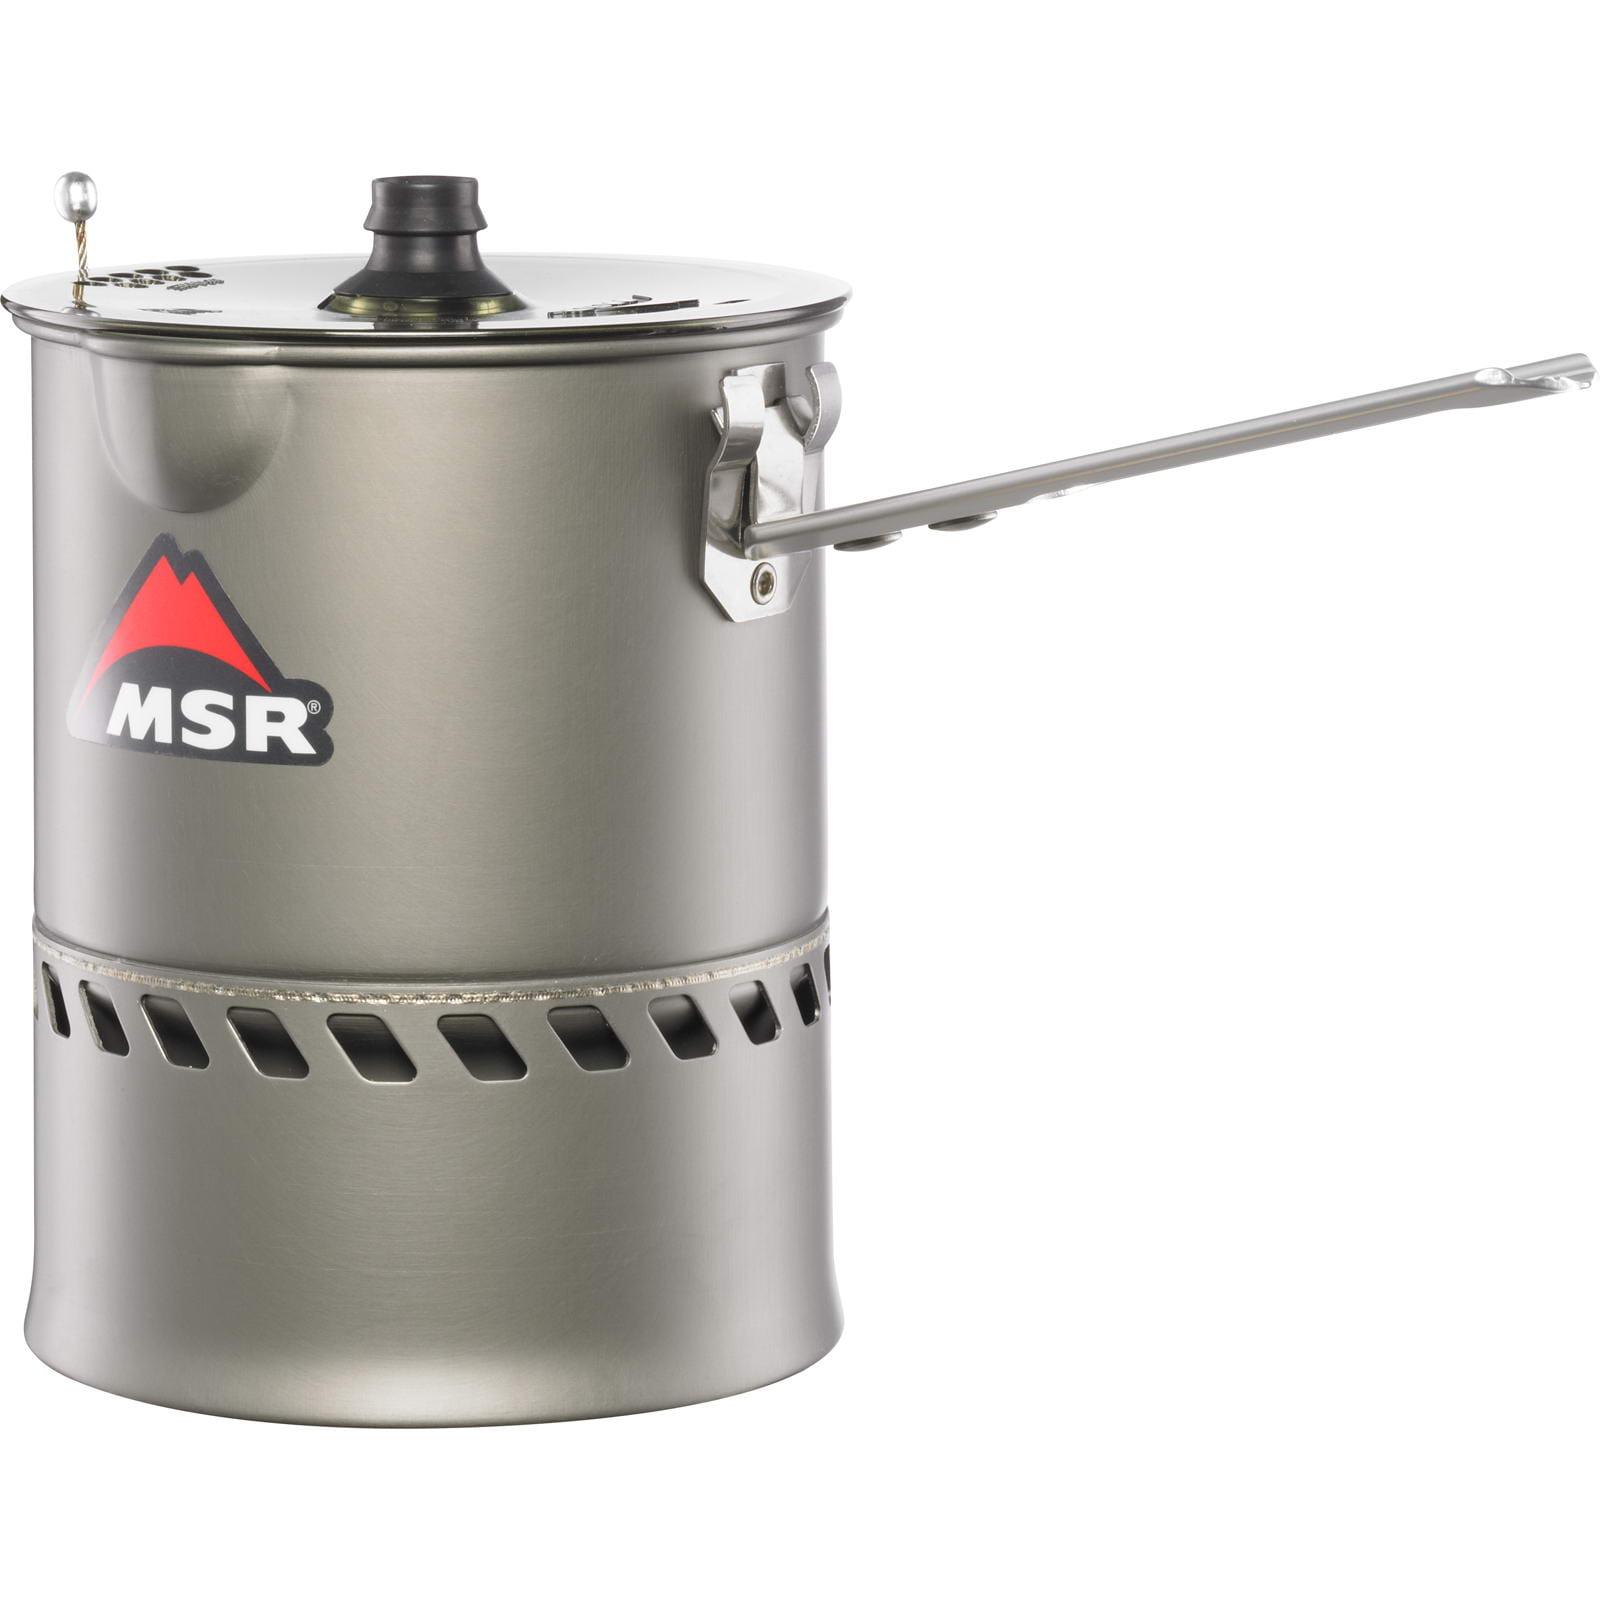 MSR Reactor® 1.0L Stove System - Kochersystem - Bild 2